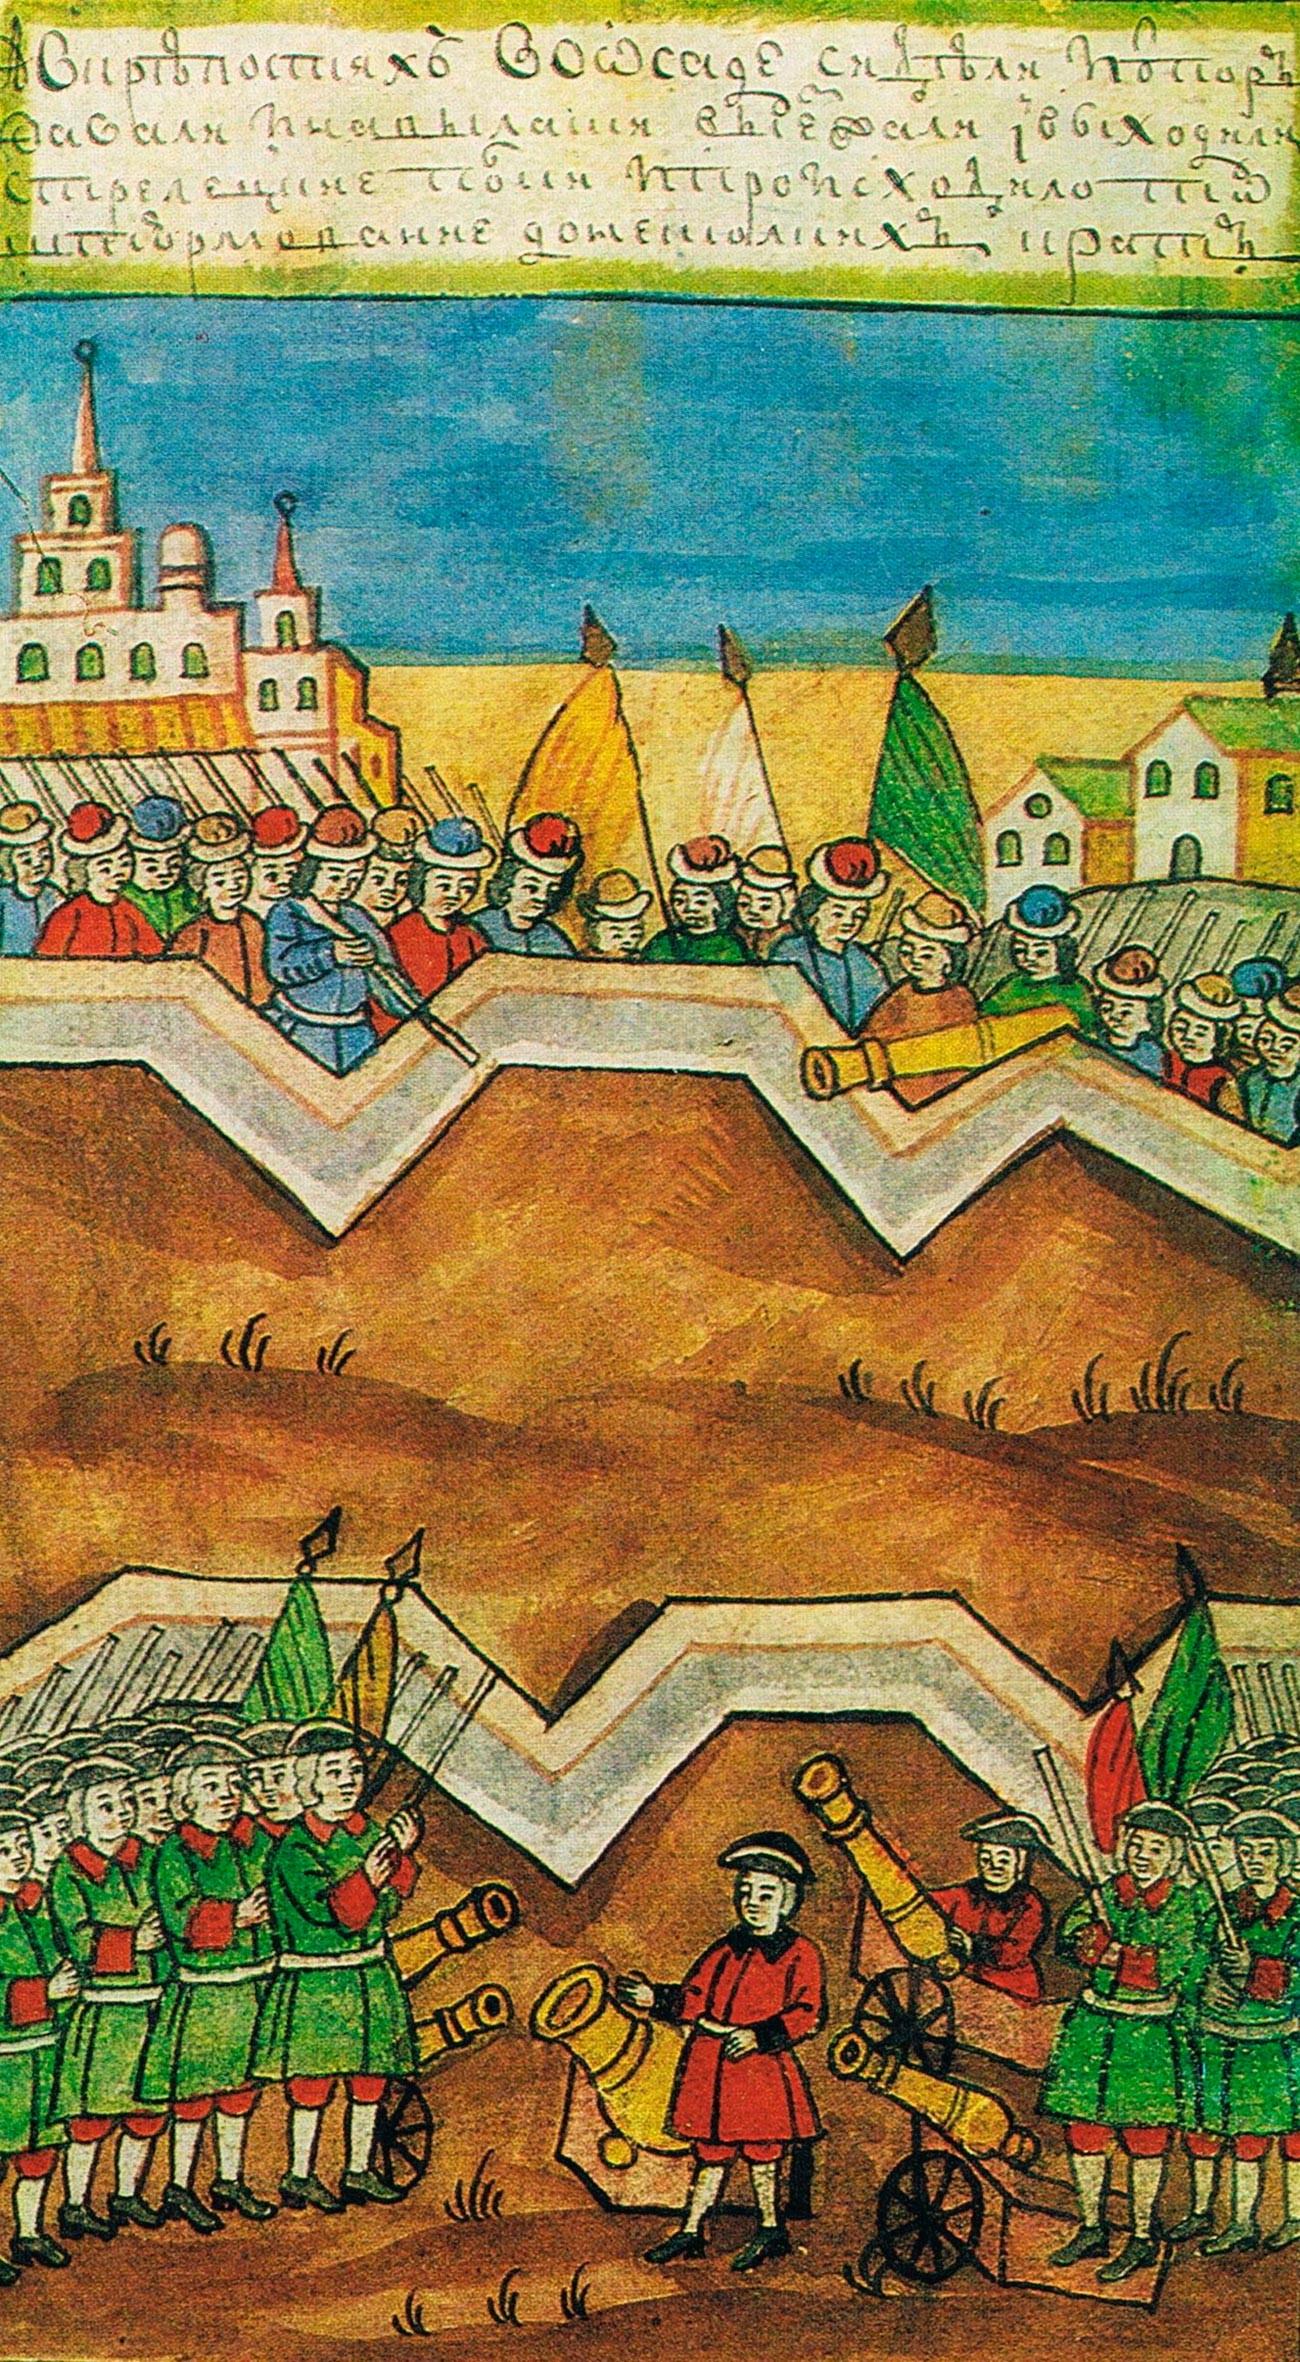 コロメンスコエ村とコズーホヴォ村で行われた軍事演習。遊戯連隊は画像の下。